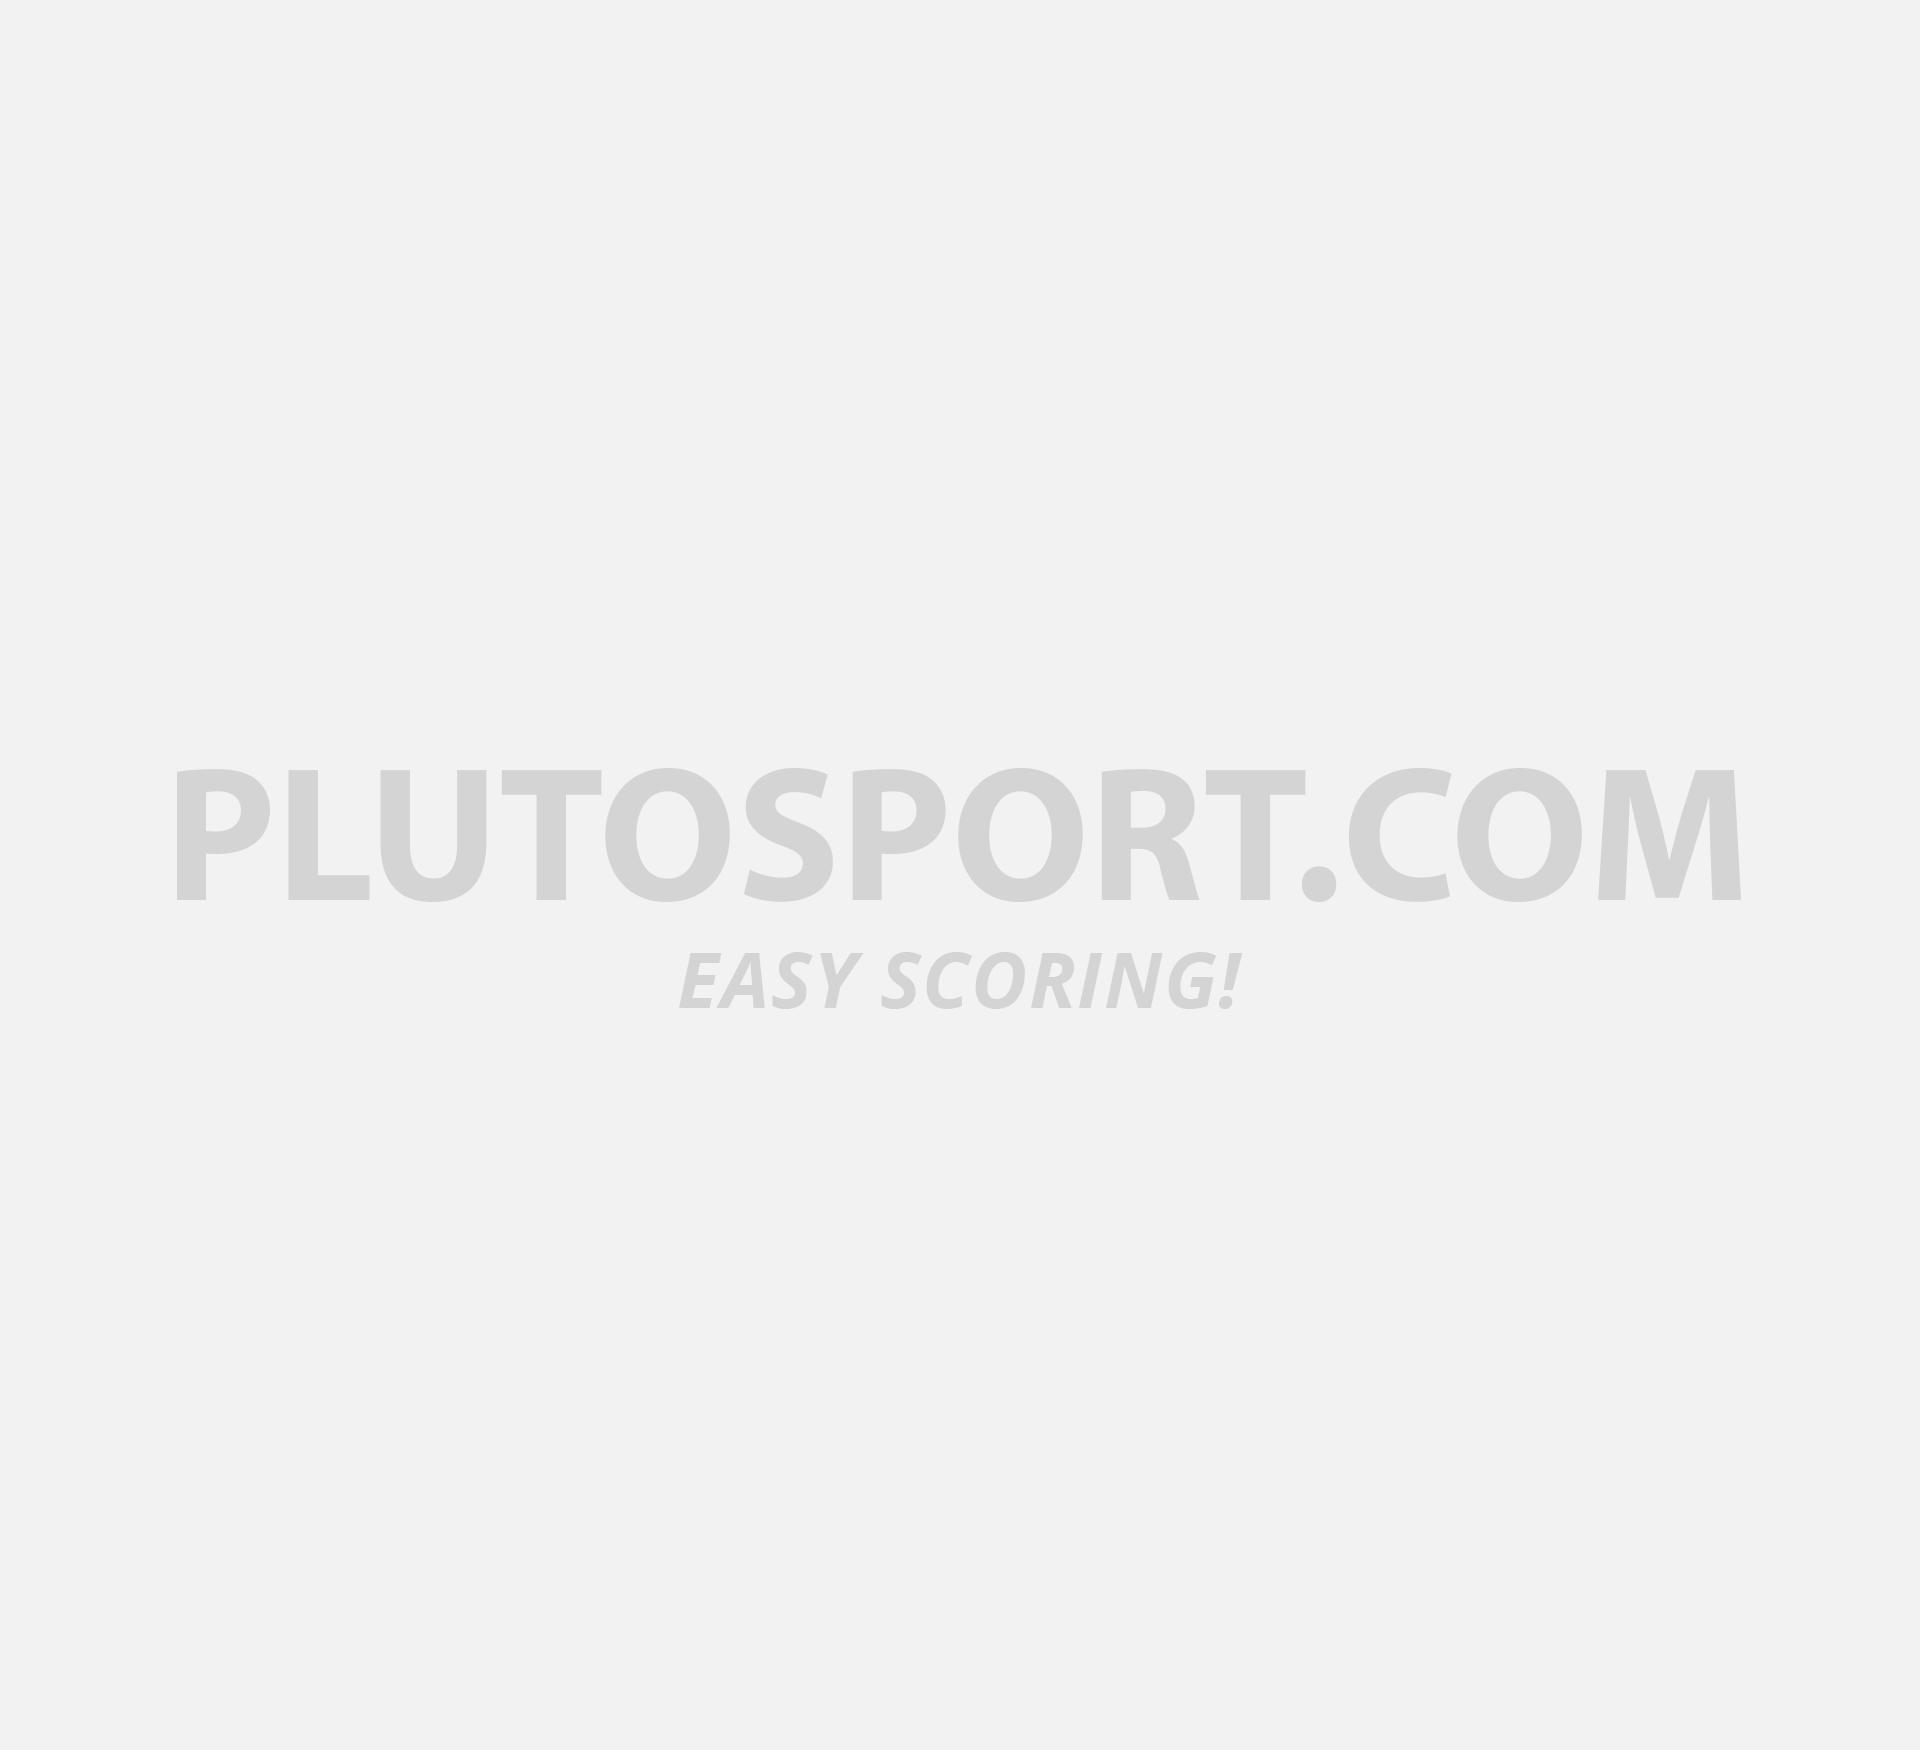 8f9352c47190 cheap adidas copa mundial new schwarz knight a862b 0a6ee